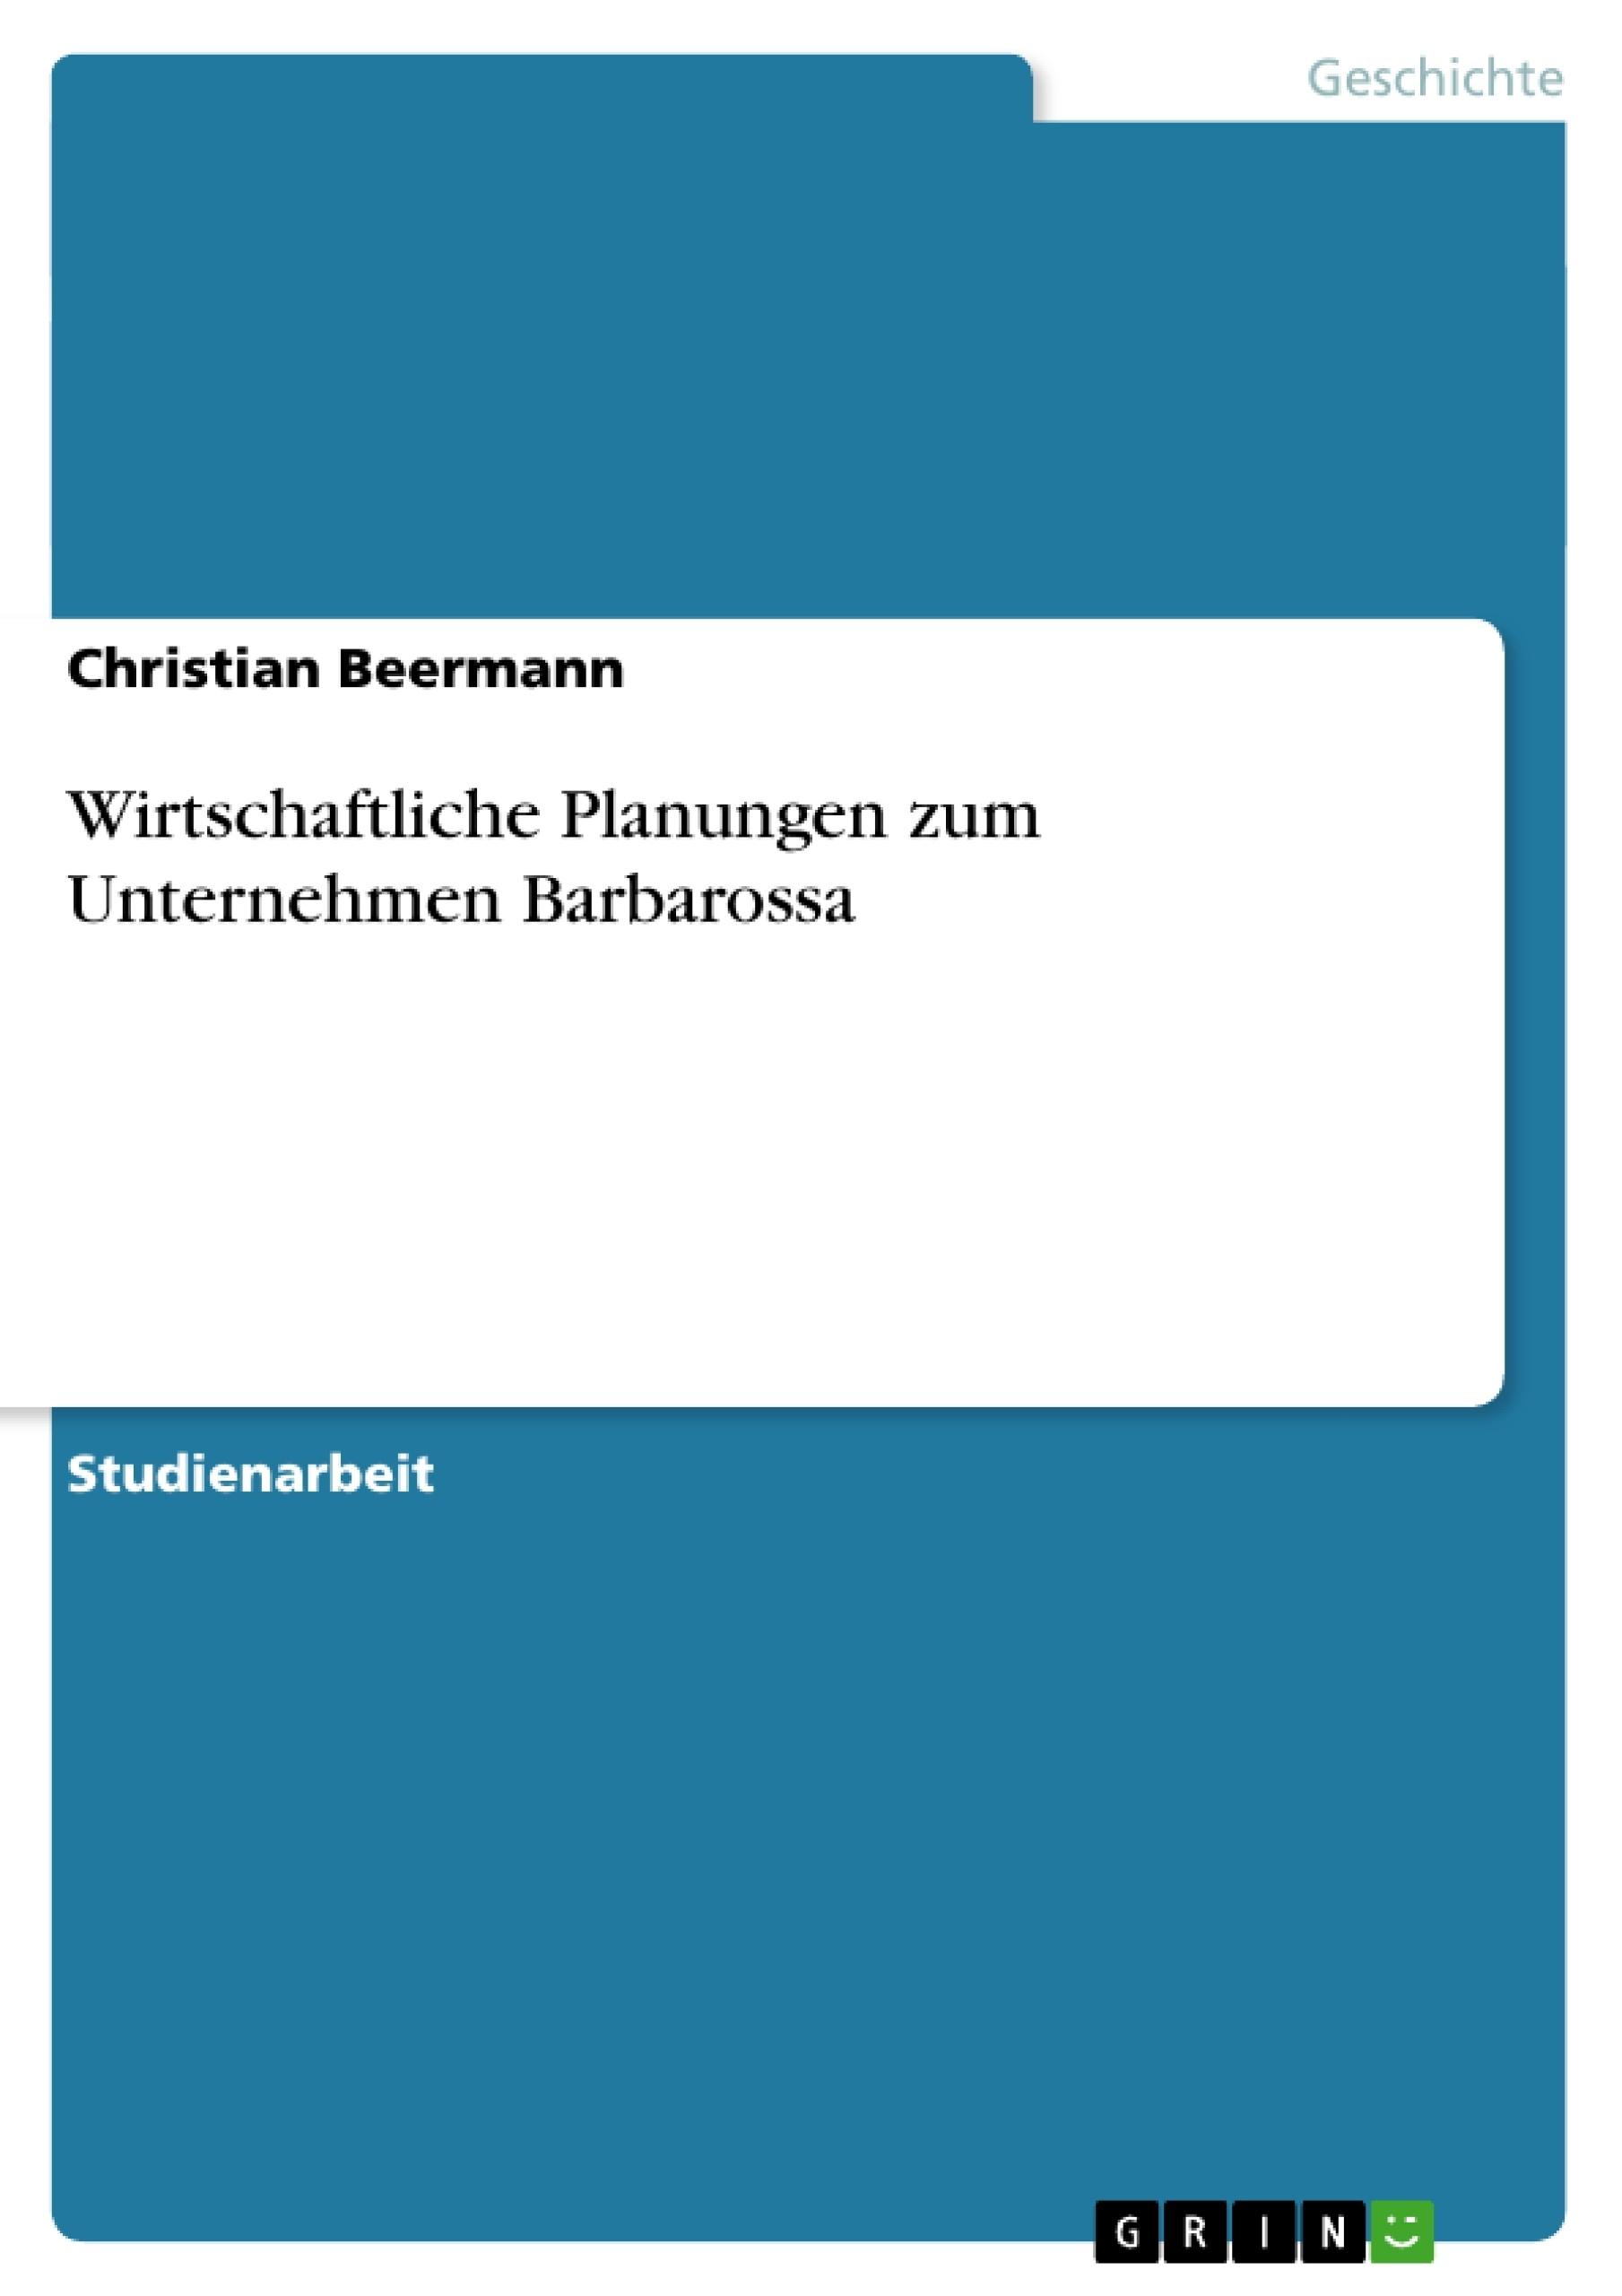 Titel: Wirtschaftliche Planungen zum Unternehmen Barbarossa